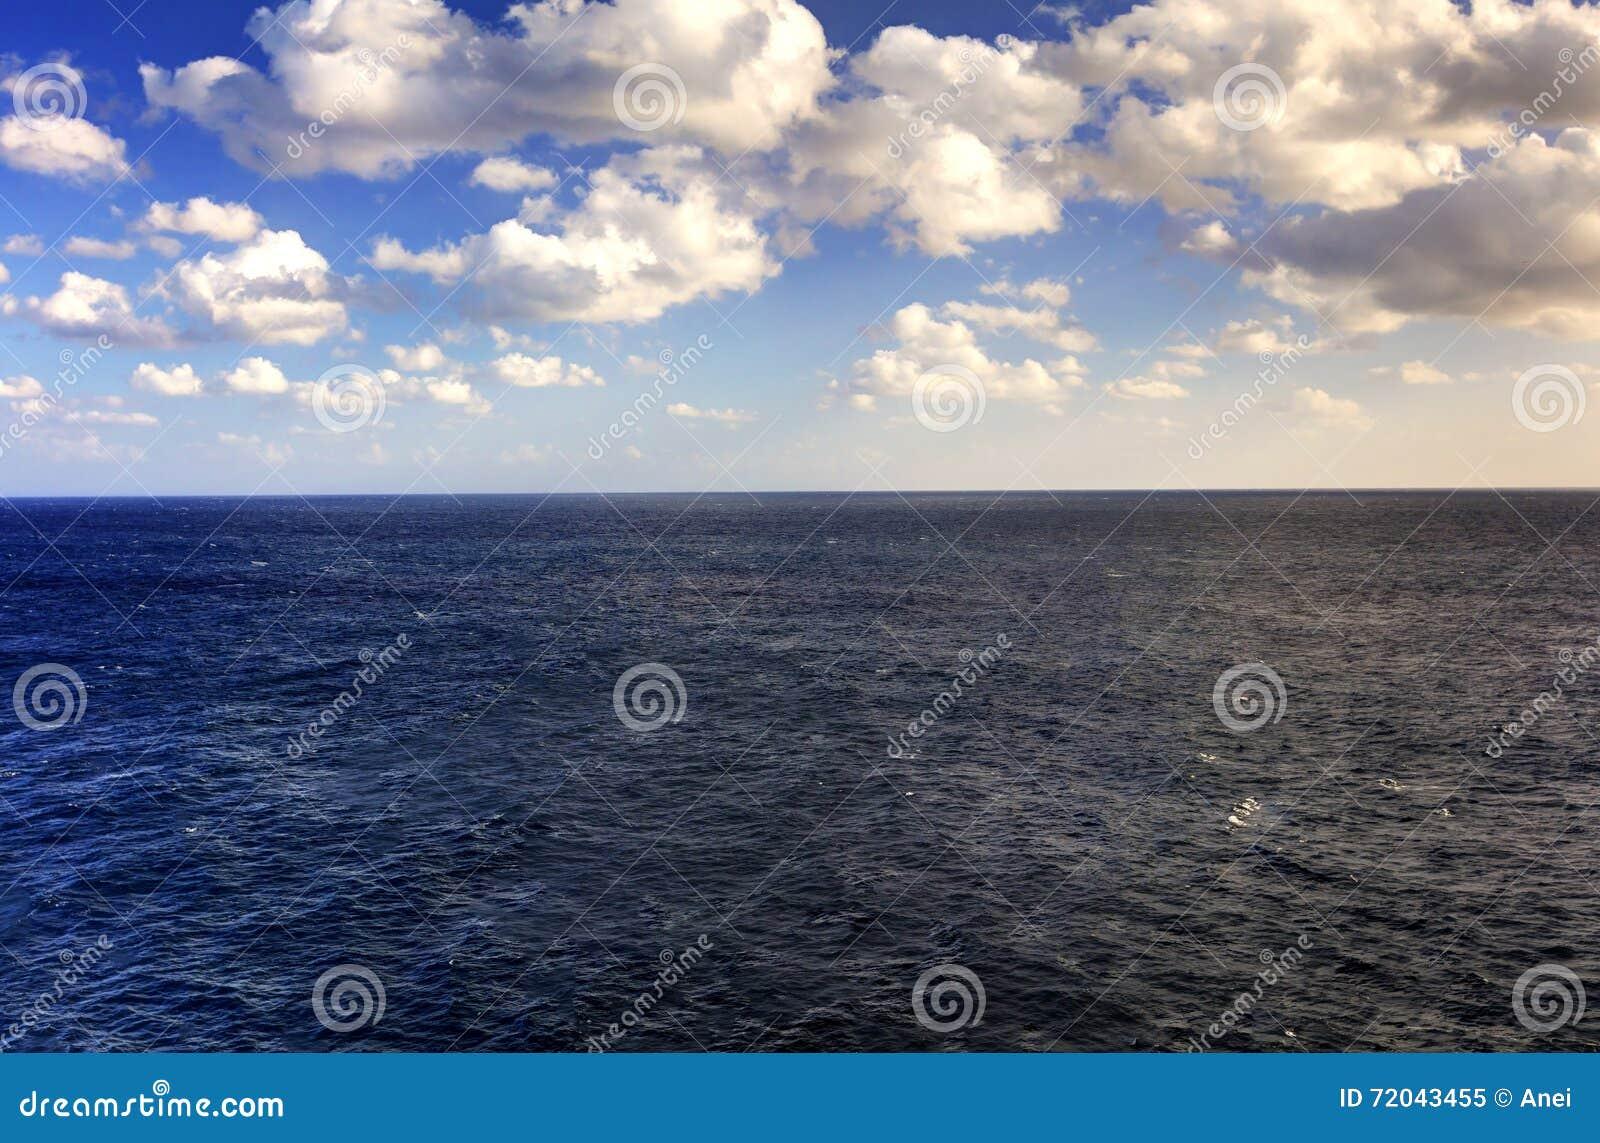 Αργά το απόγευμα φωτογραφία HDR της θάλασσας που εκτείνεται όλο τον τρόπο στον ορίζοντα και τον μπλε νεφελώδη ουρανό και το κόκκι